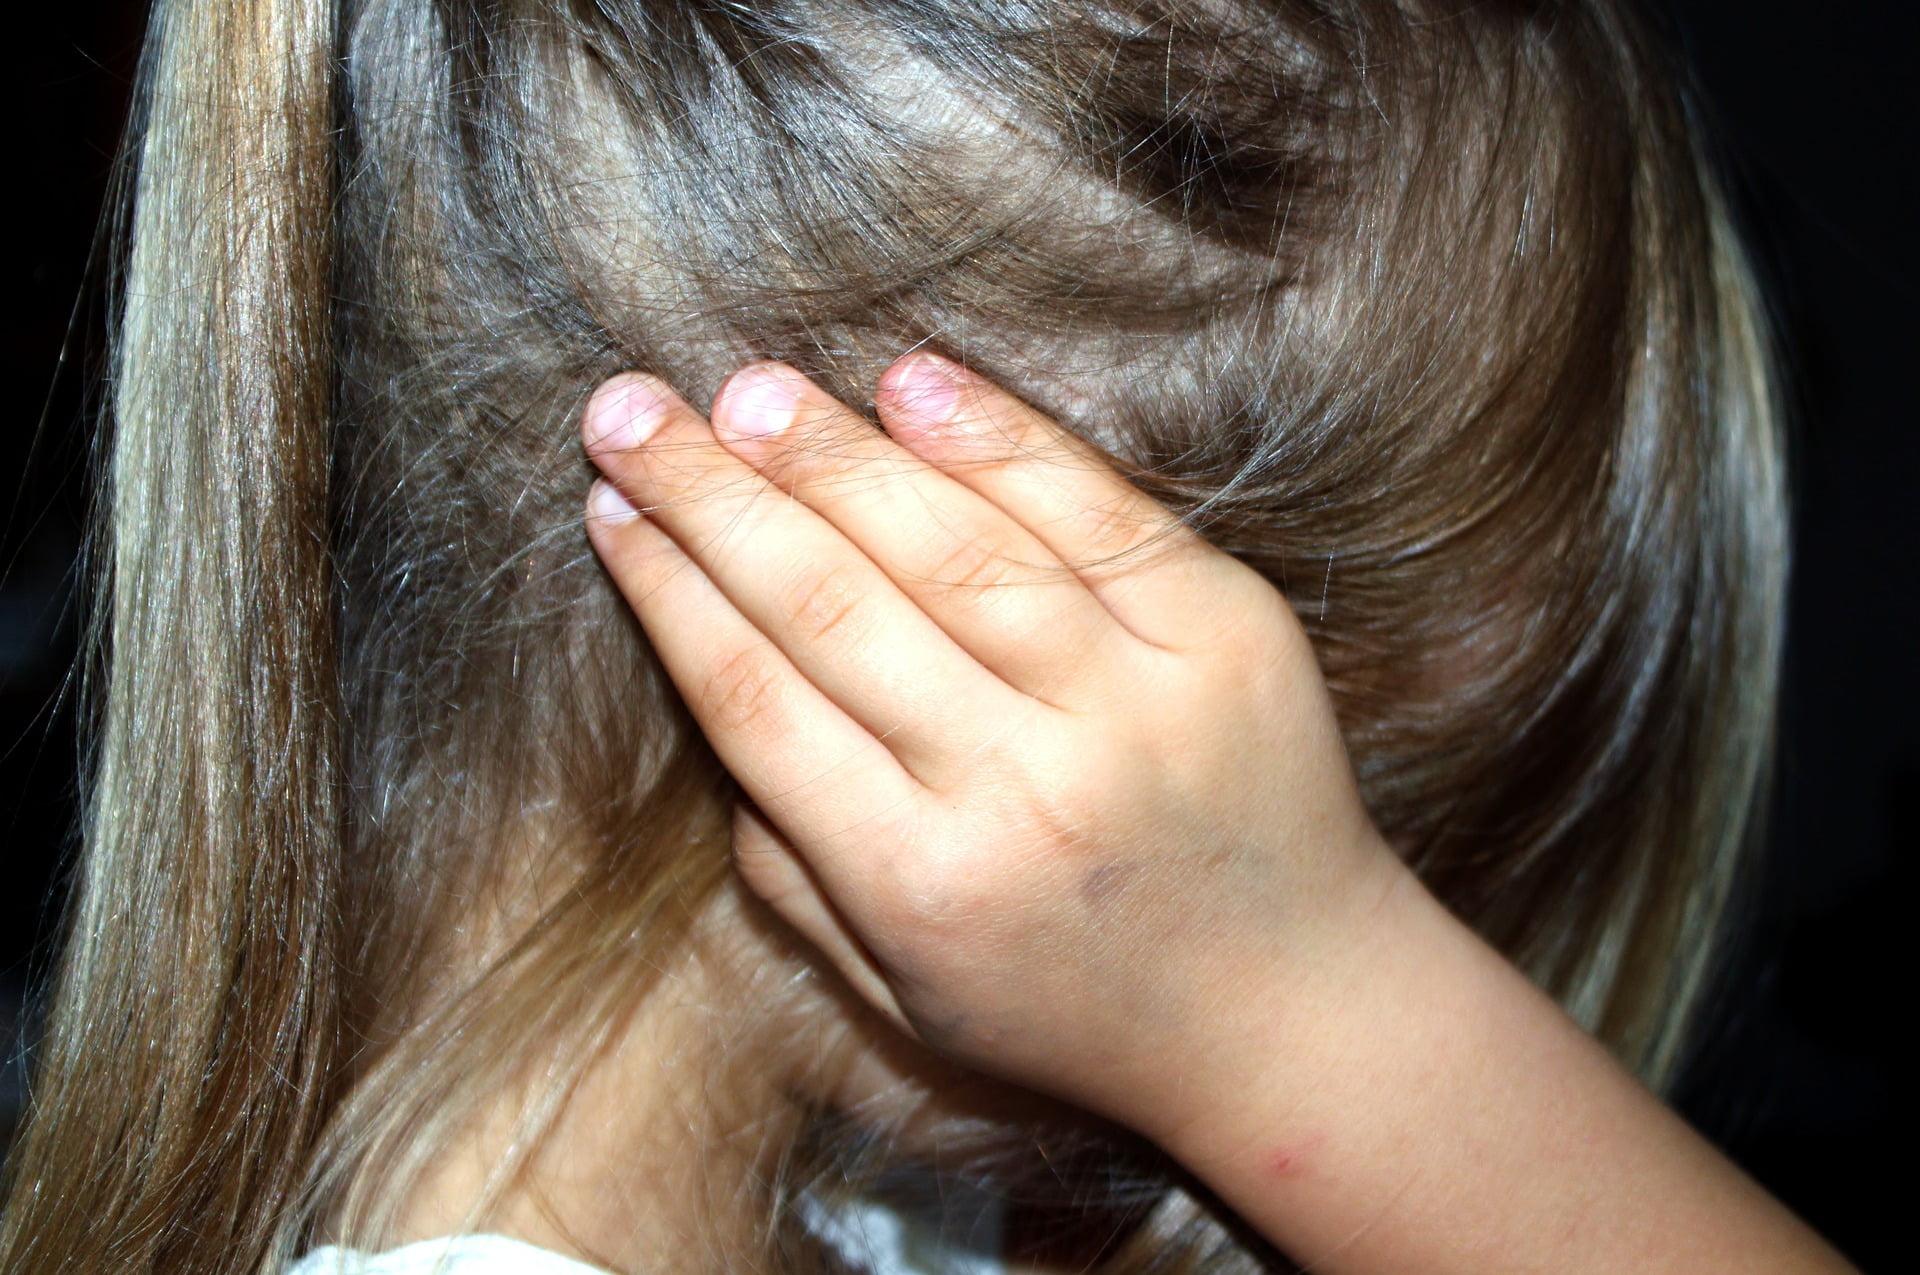 Certurile părinților afectează copiii mai mult decât se bănuiește.